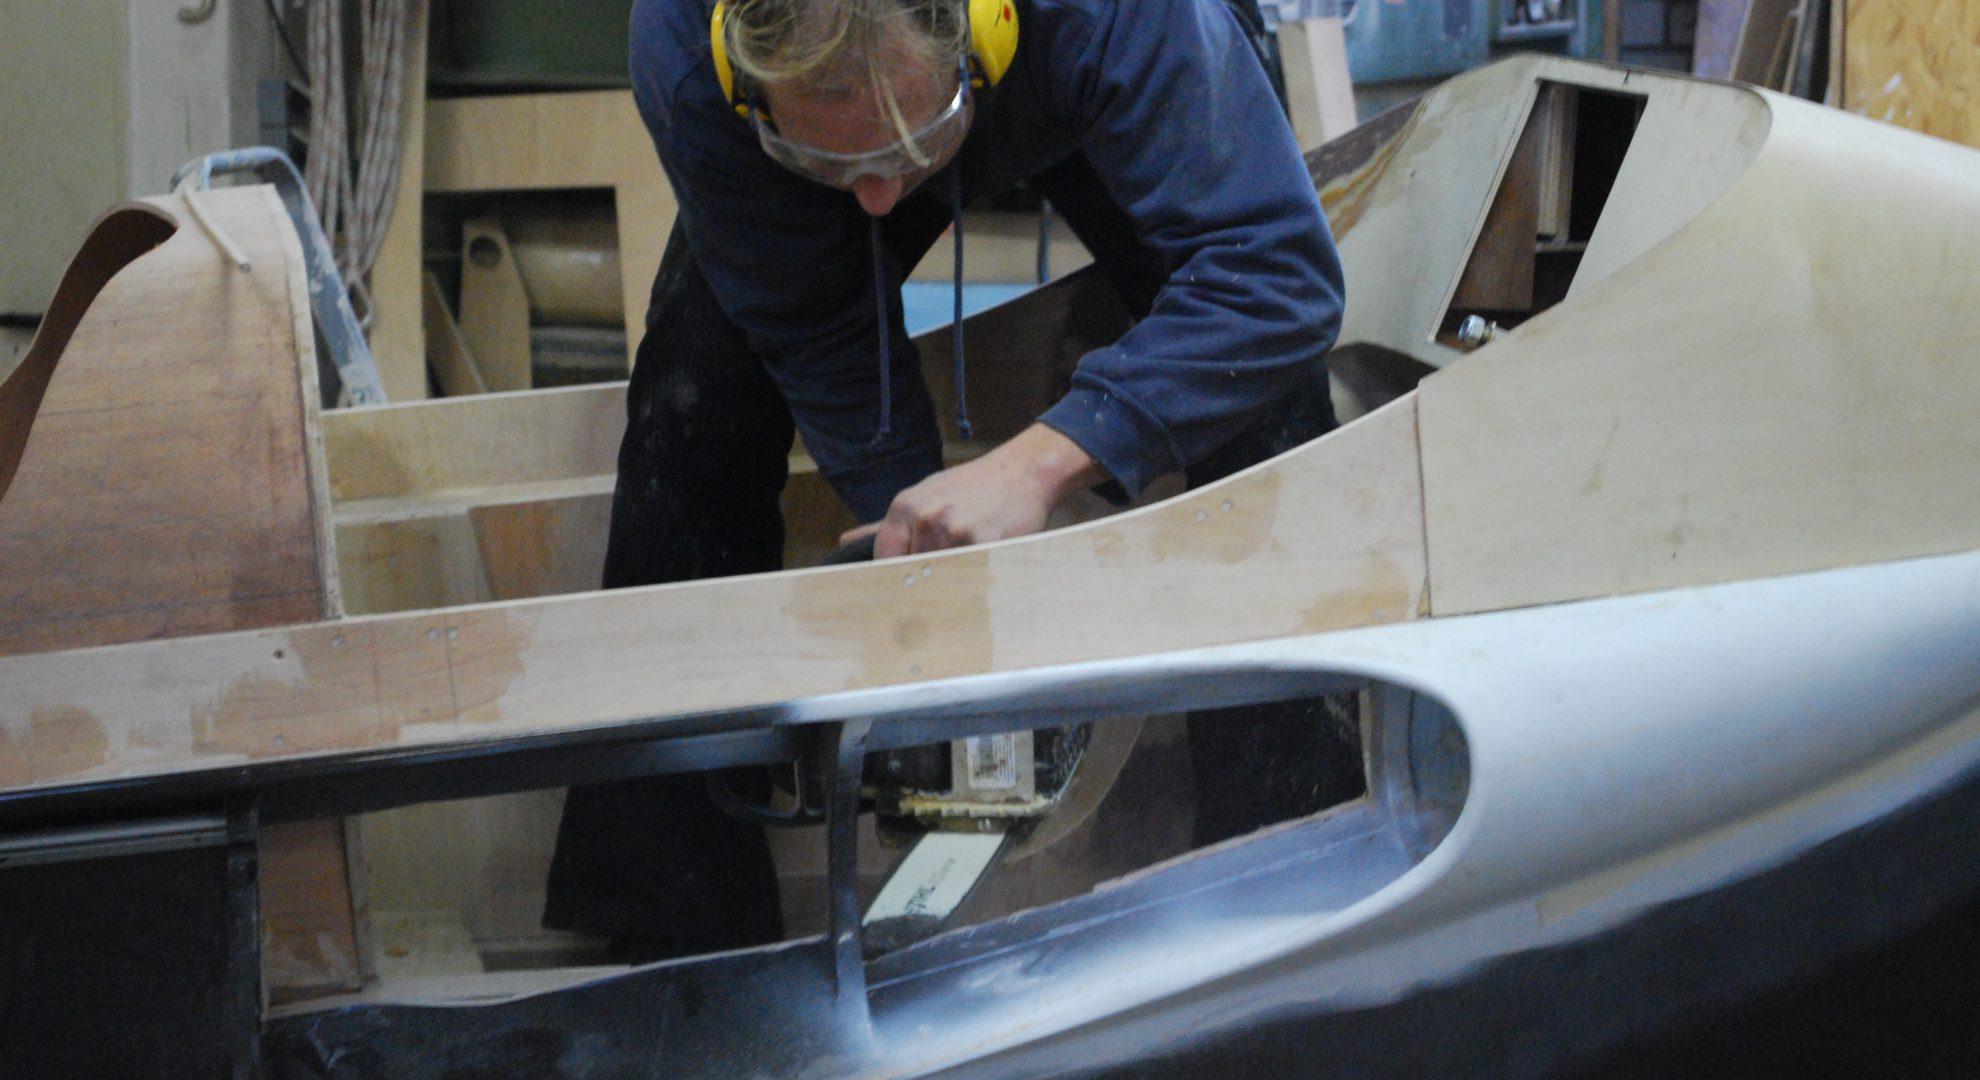 Uwe Feller beim Sägen bei der Produktion eines FELLERyachting-Bootes.